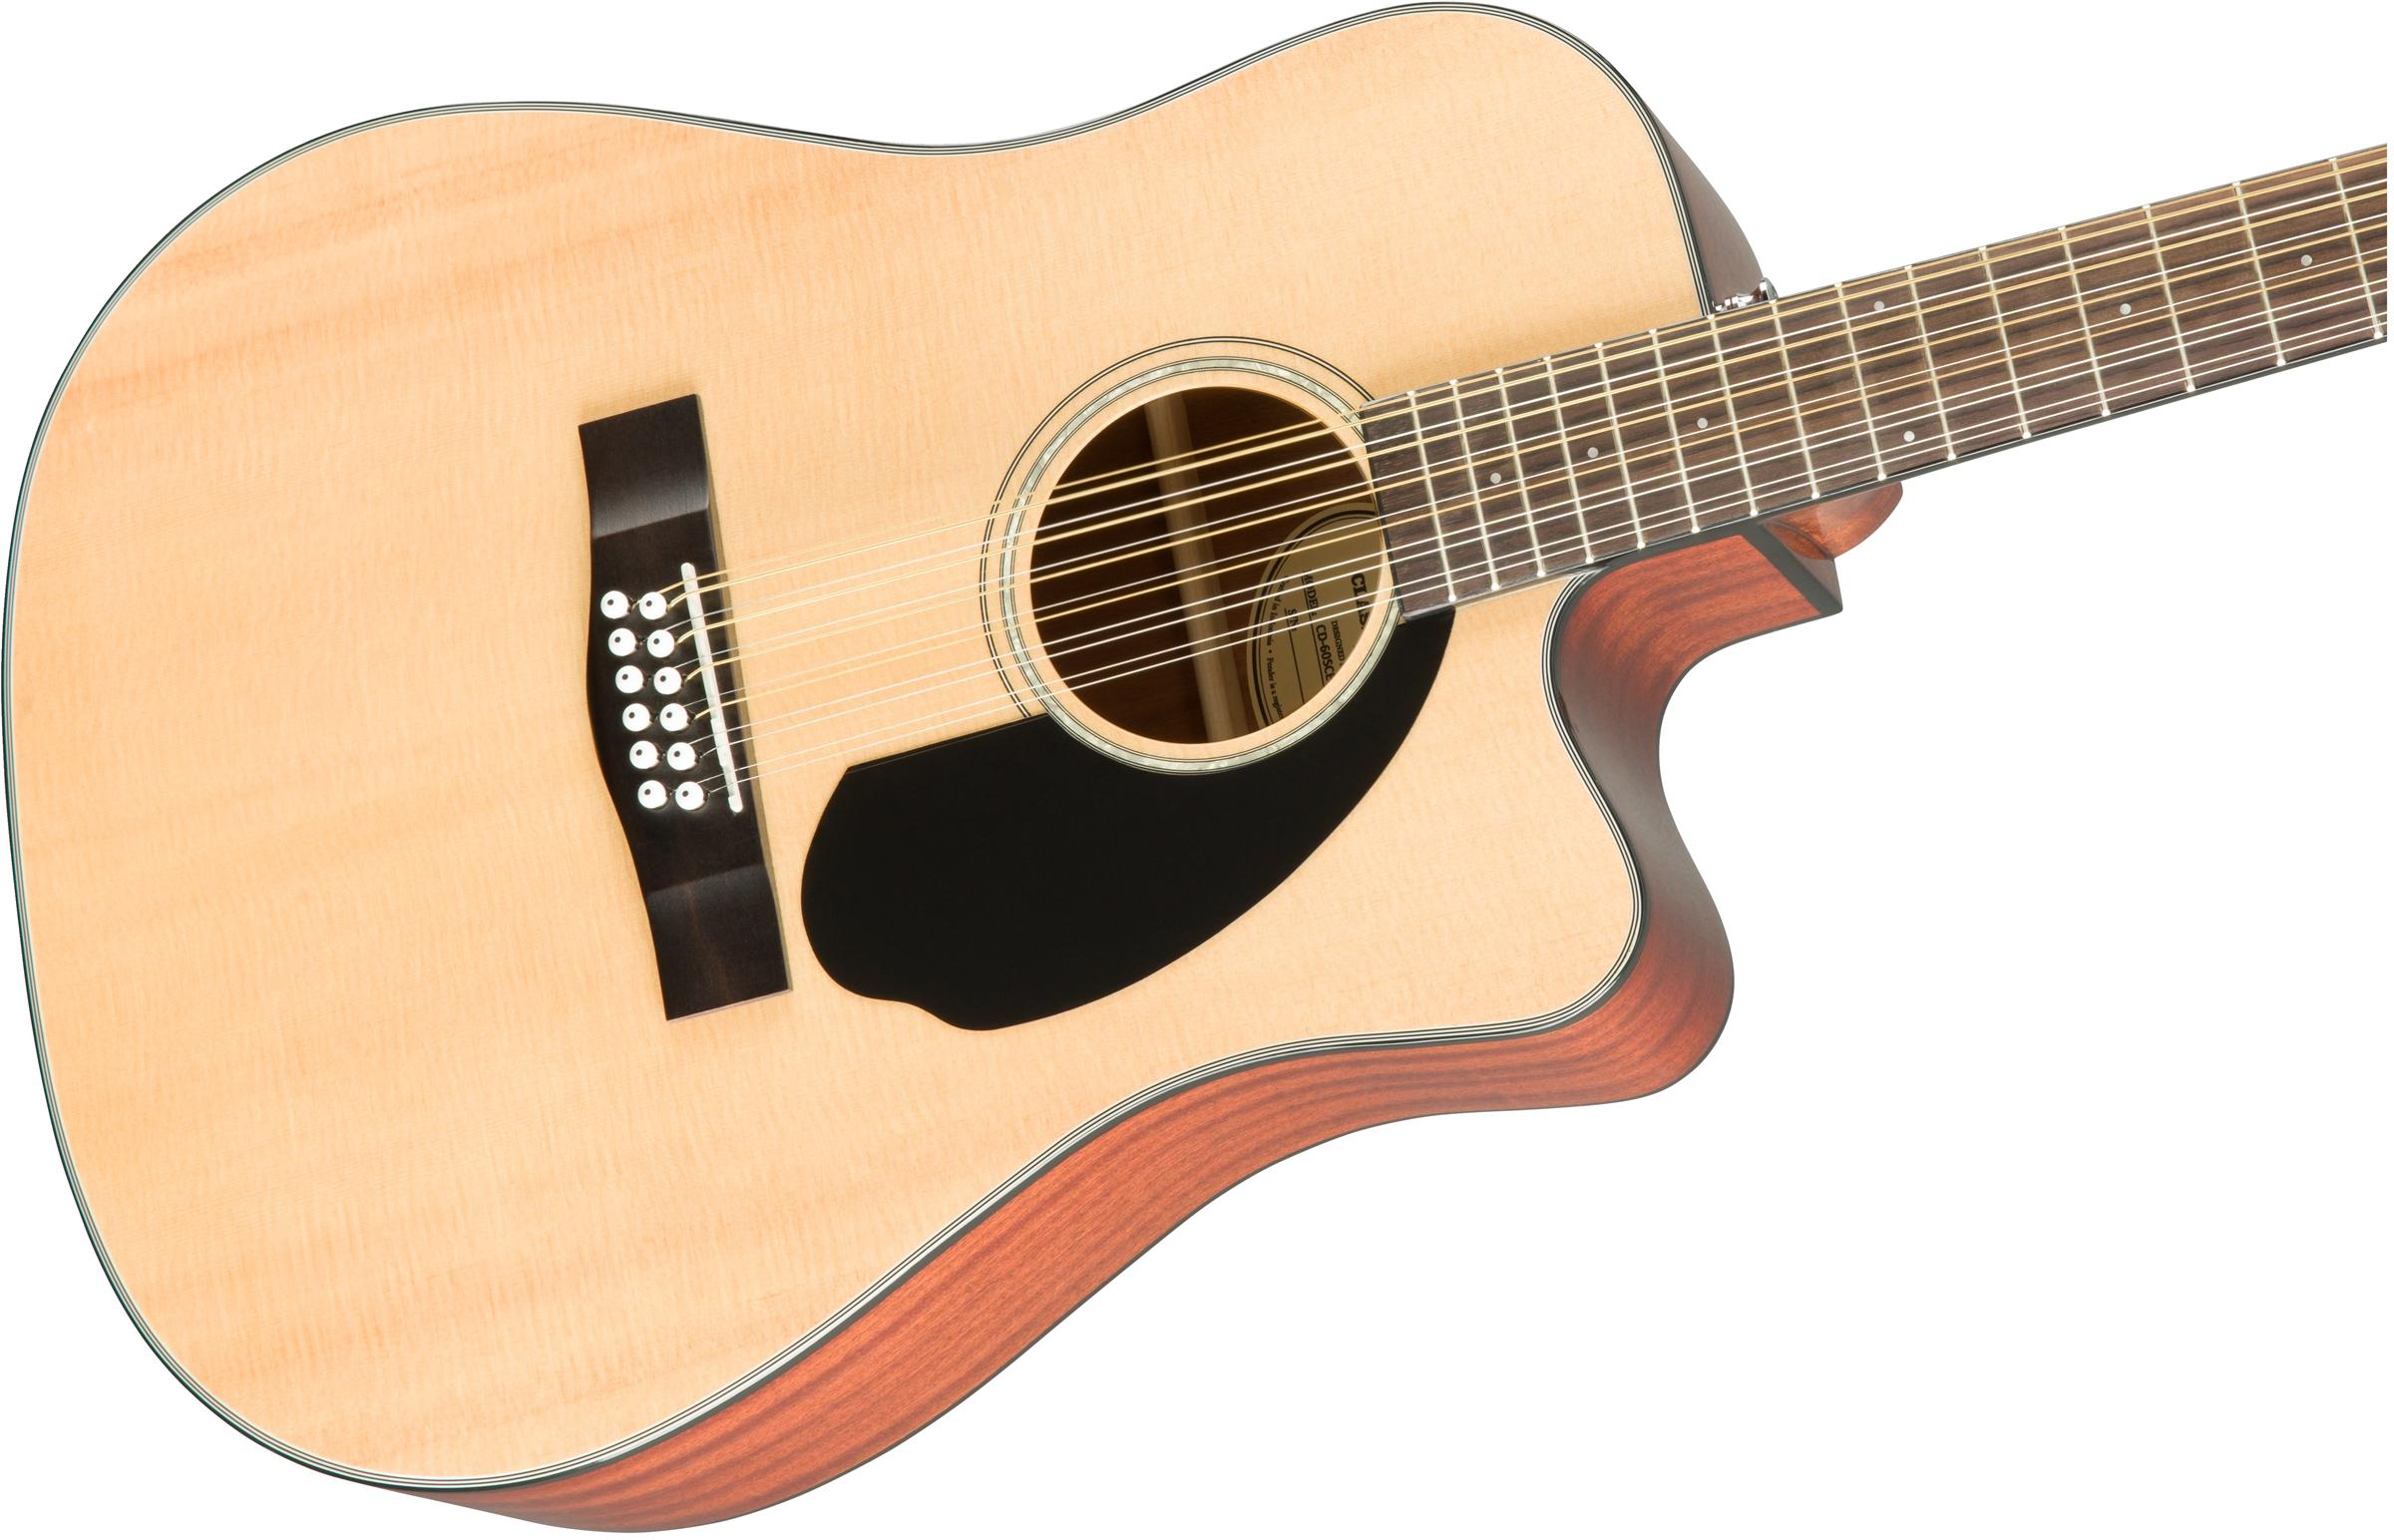 fender cd 60sce 12 dreadnought acoustic electric guitar 12 string natural 712828172189 ebay. Black Bedroom Furniture Sets. Home Design Ideas